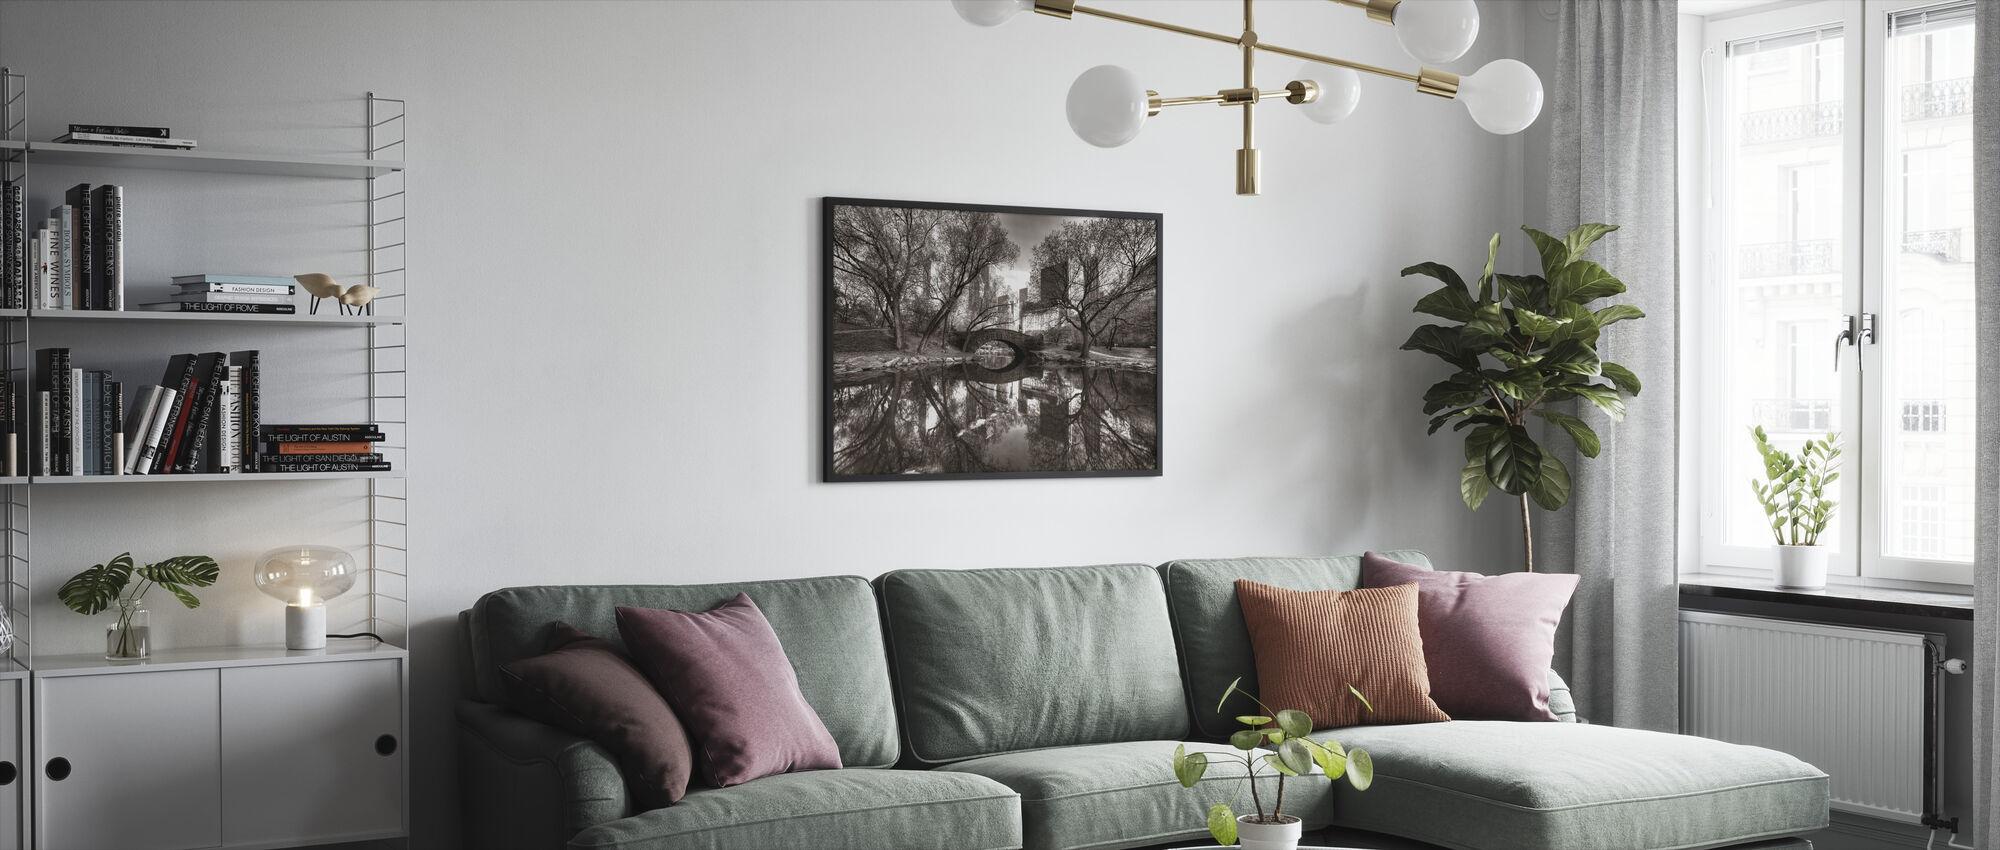 Bridge in Central Park, New York, USA - Framed print - Living Room